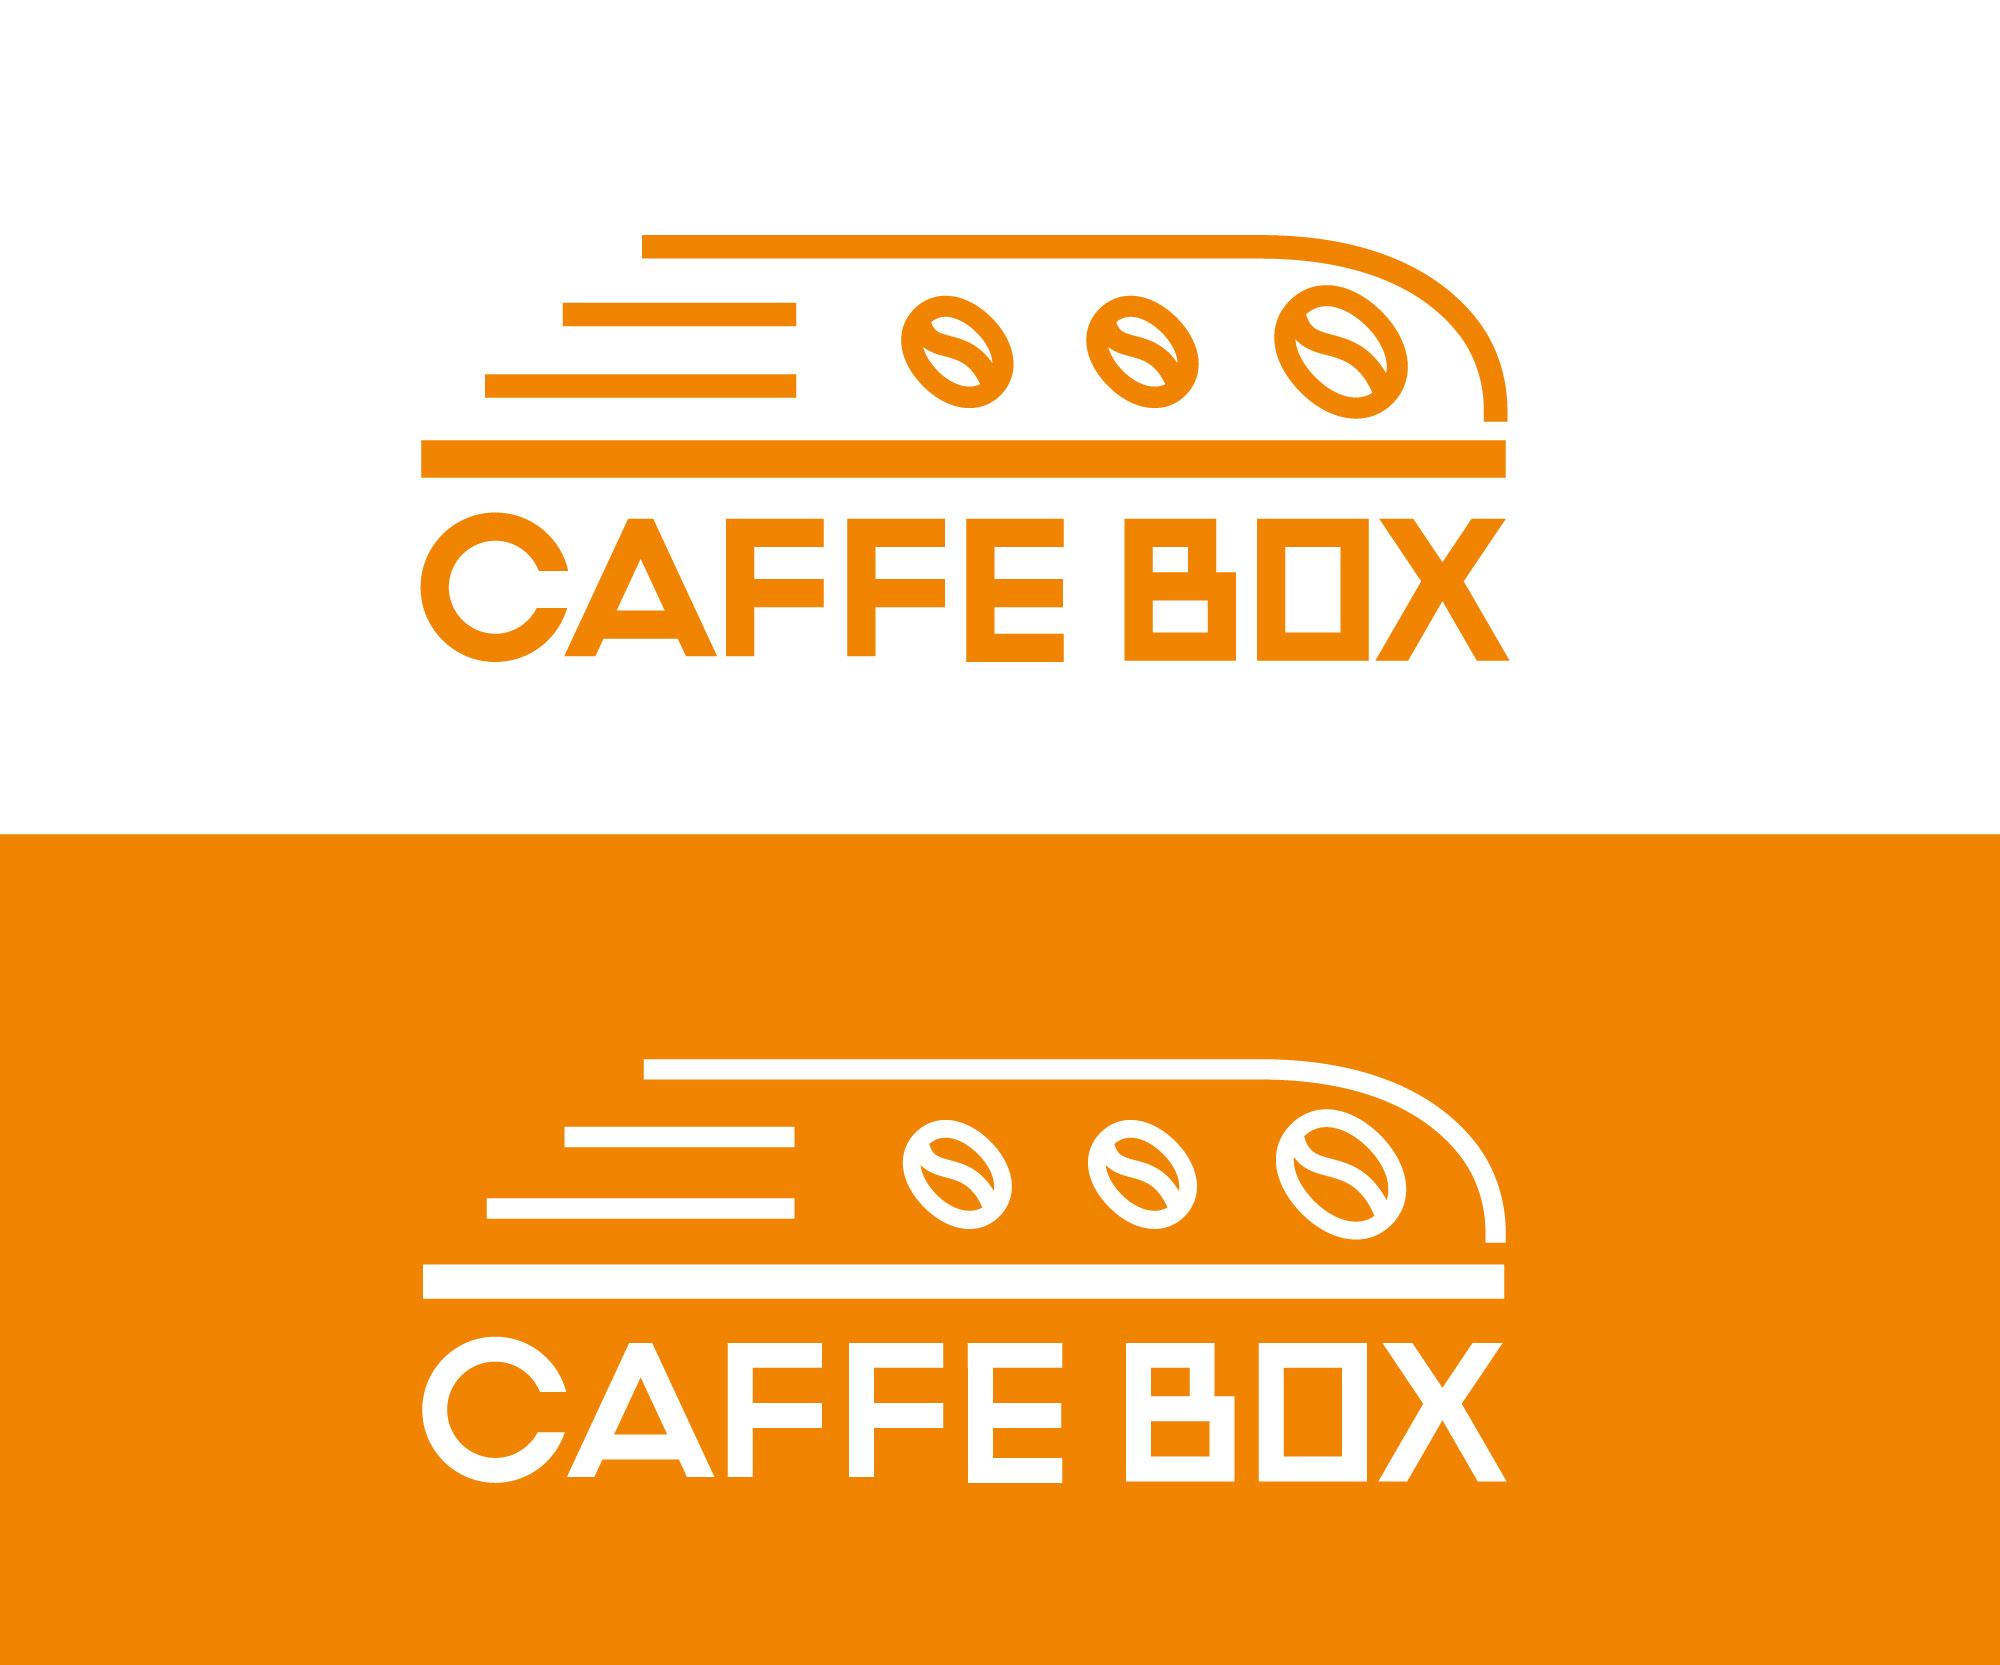 Требуется очень срочно разработать логотип кофейни! фото f_1225a0e03623cd35.jpg